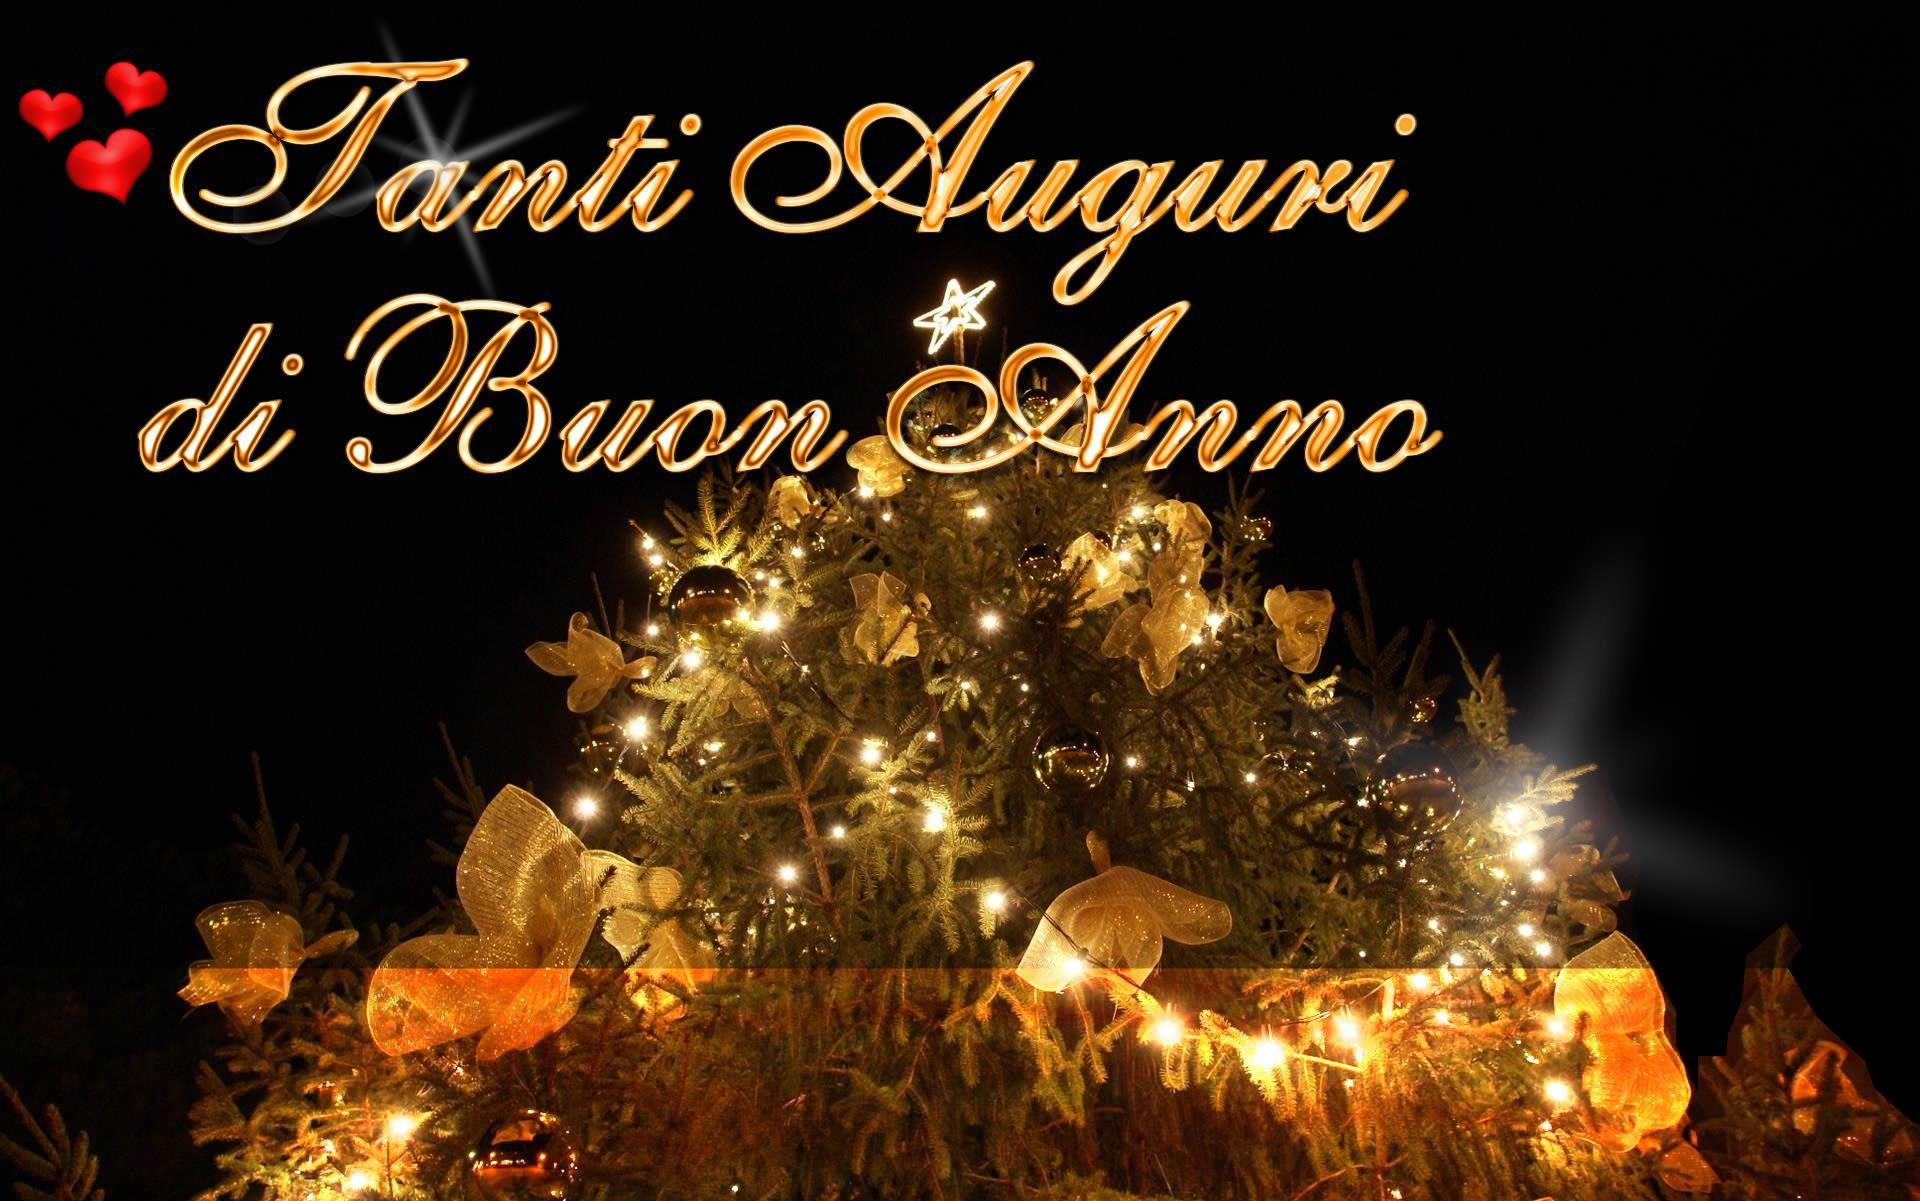 Che la vita continua tanti auguri di buon anno frasi for Messaggi divertenti di buon anno